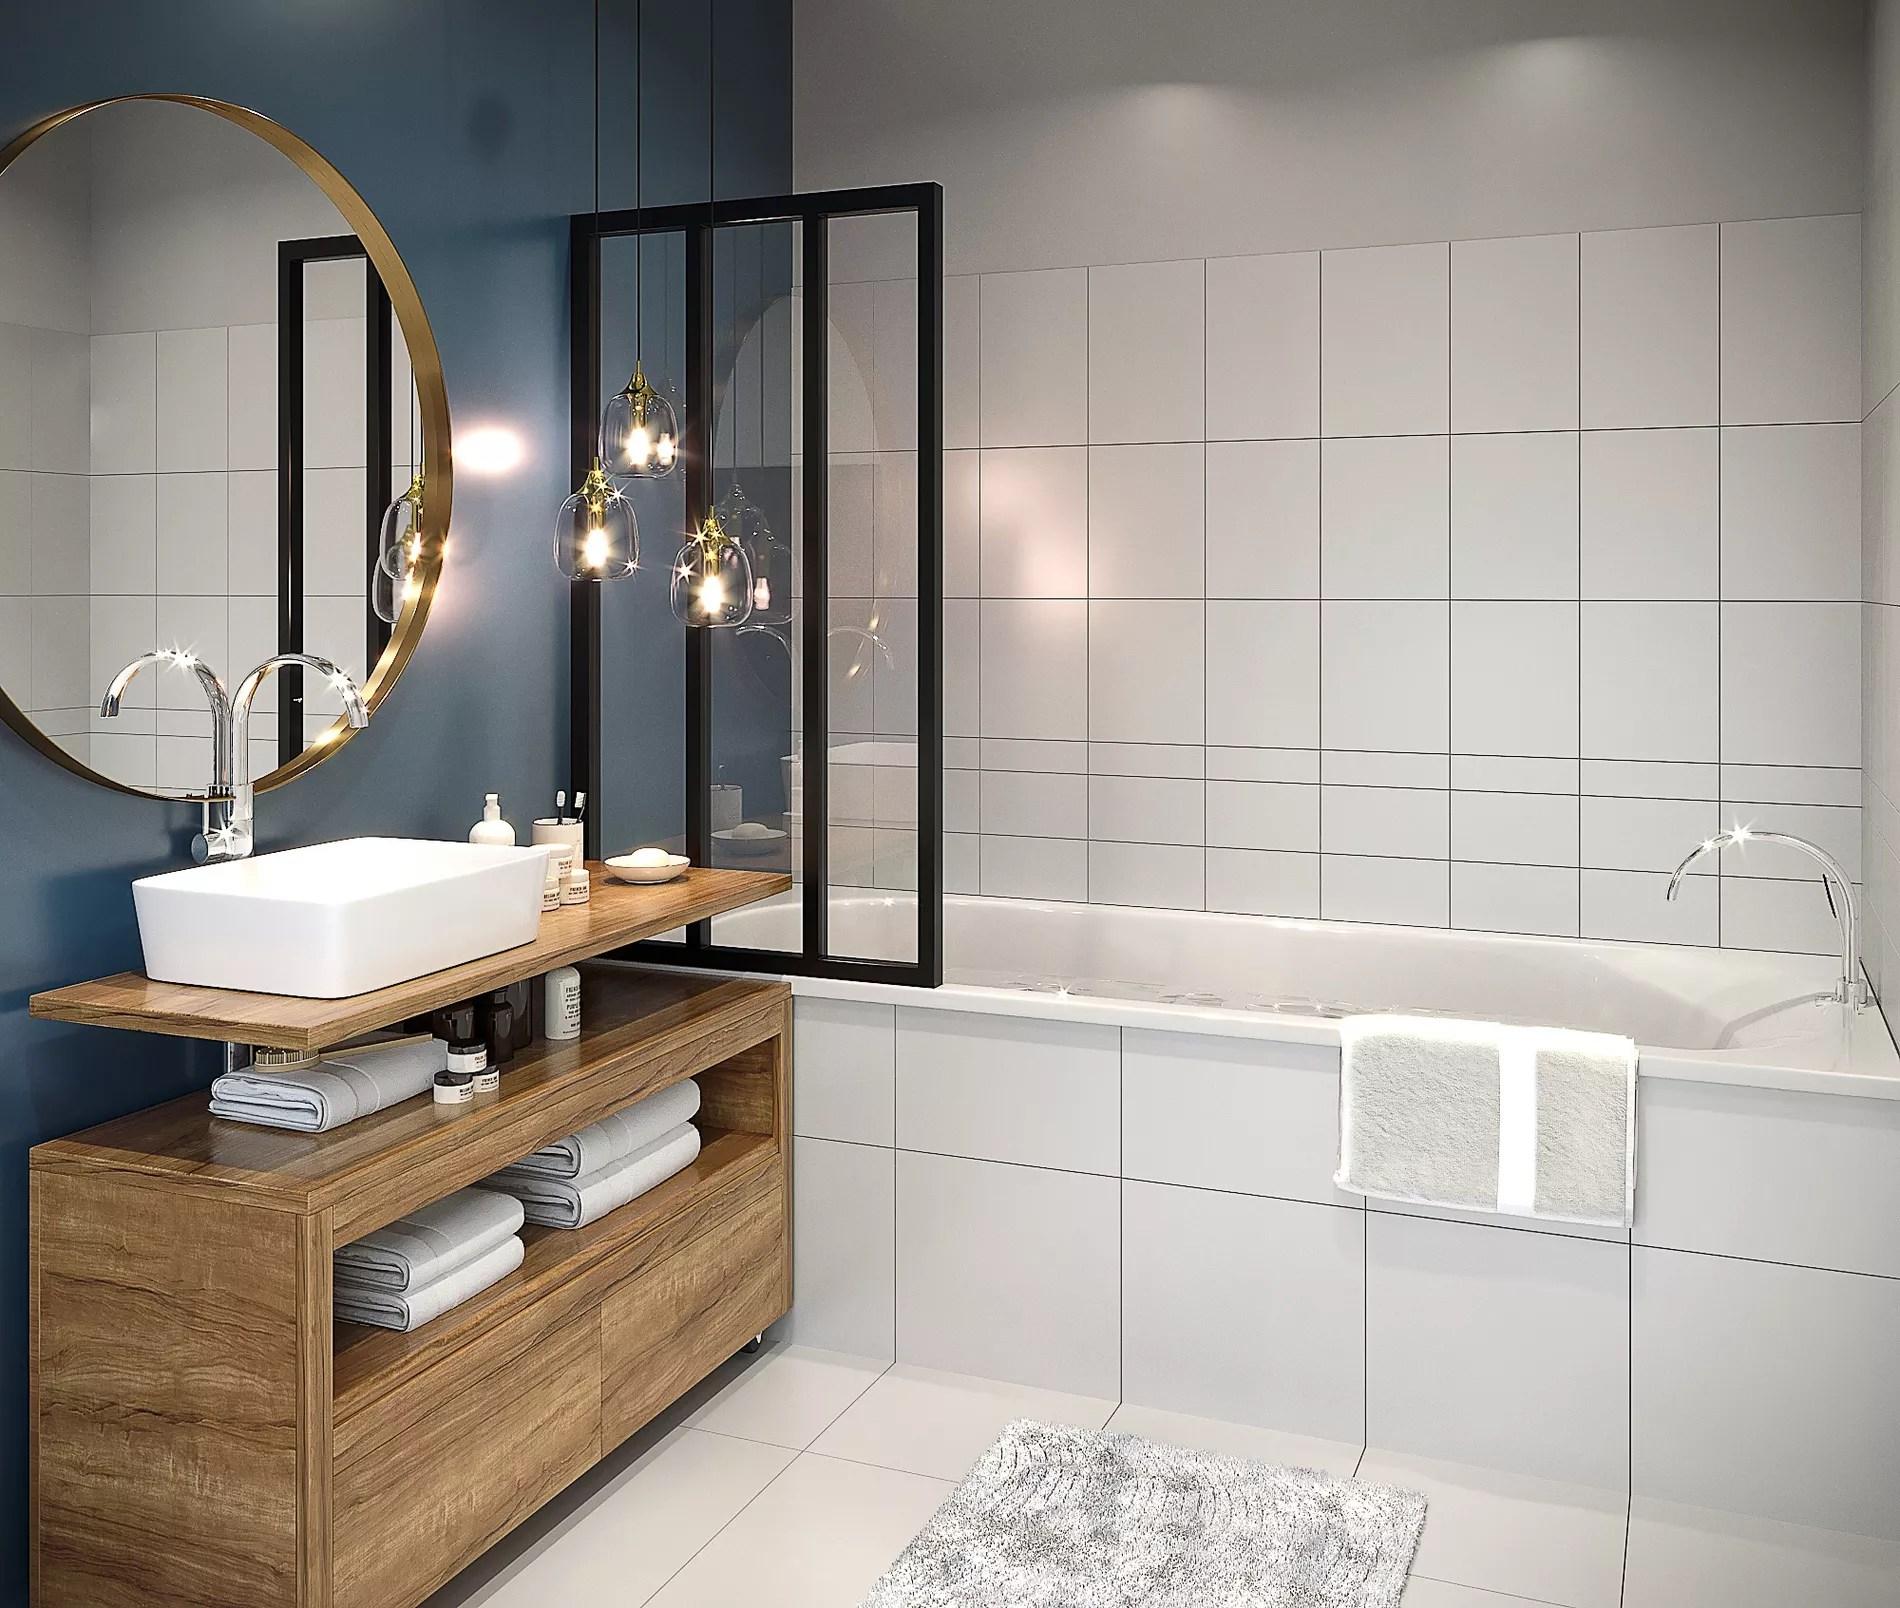 decouvrez comment les architectes hubstairs peuvent renover votre salle de bain